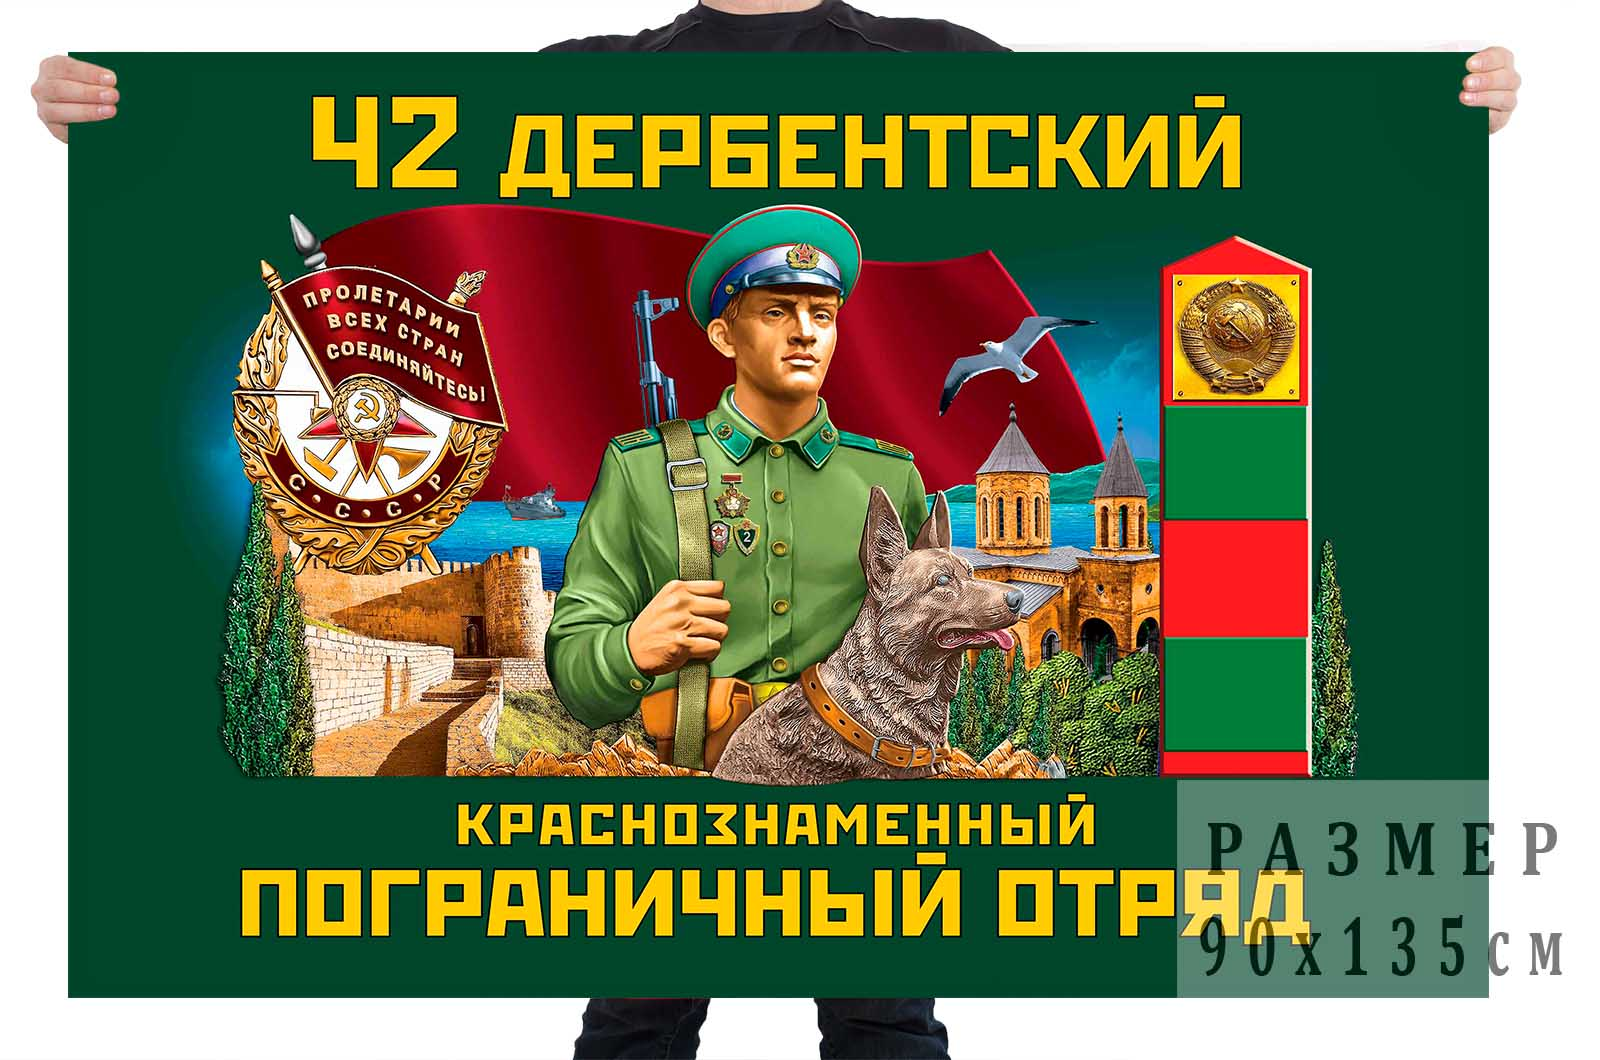 Флаг 42 Дербентского Краснознамённого пограничного отряда